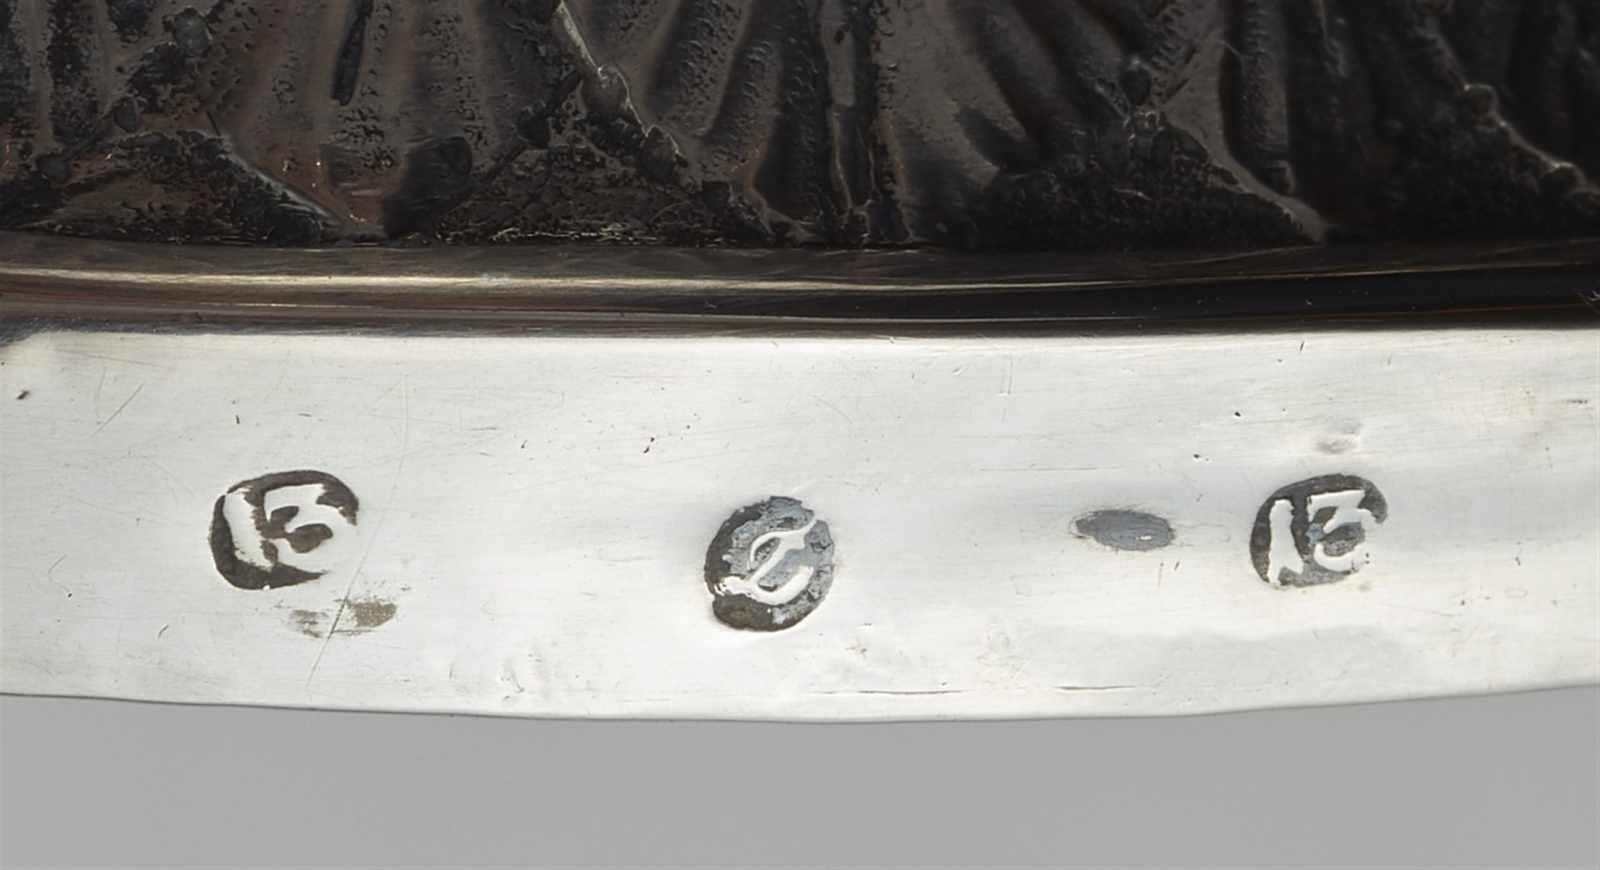 Lot 354 - A pair of Empire silver candlesticksColumn shaped candlesticks on hoof feet. H 26 cm, weight 775